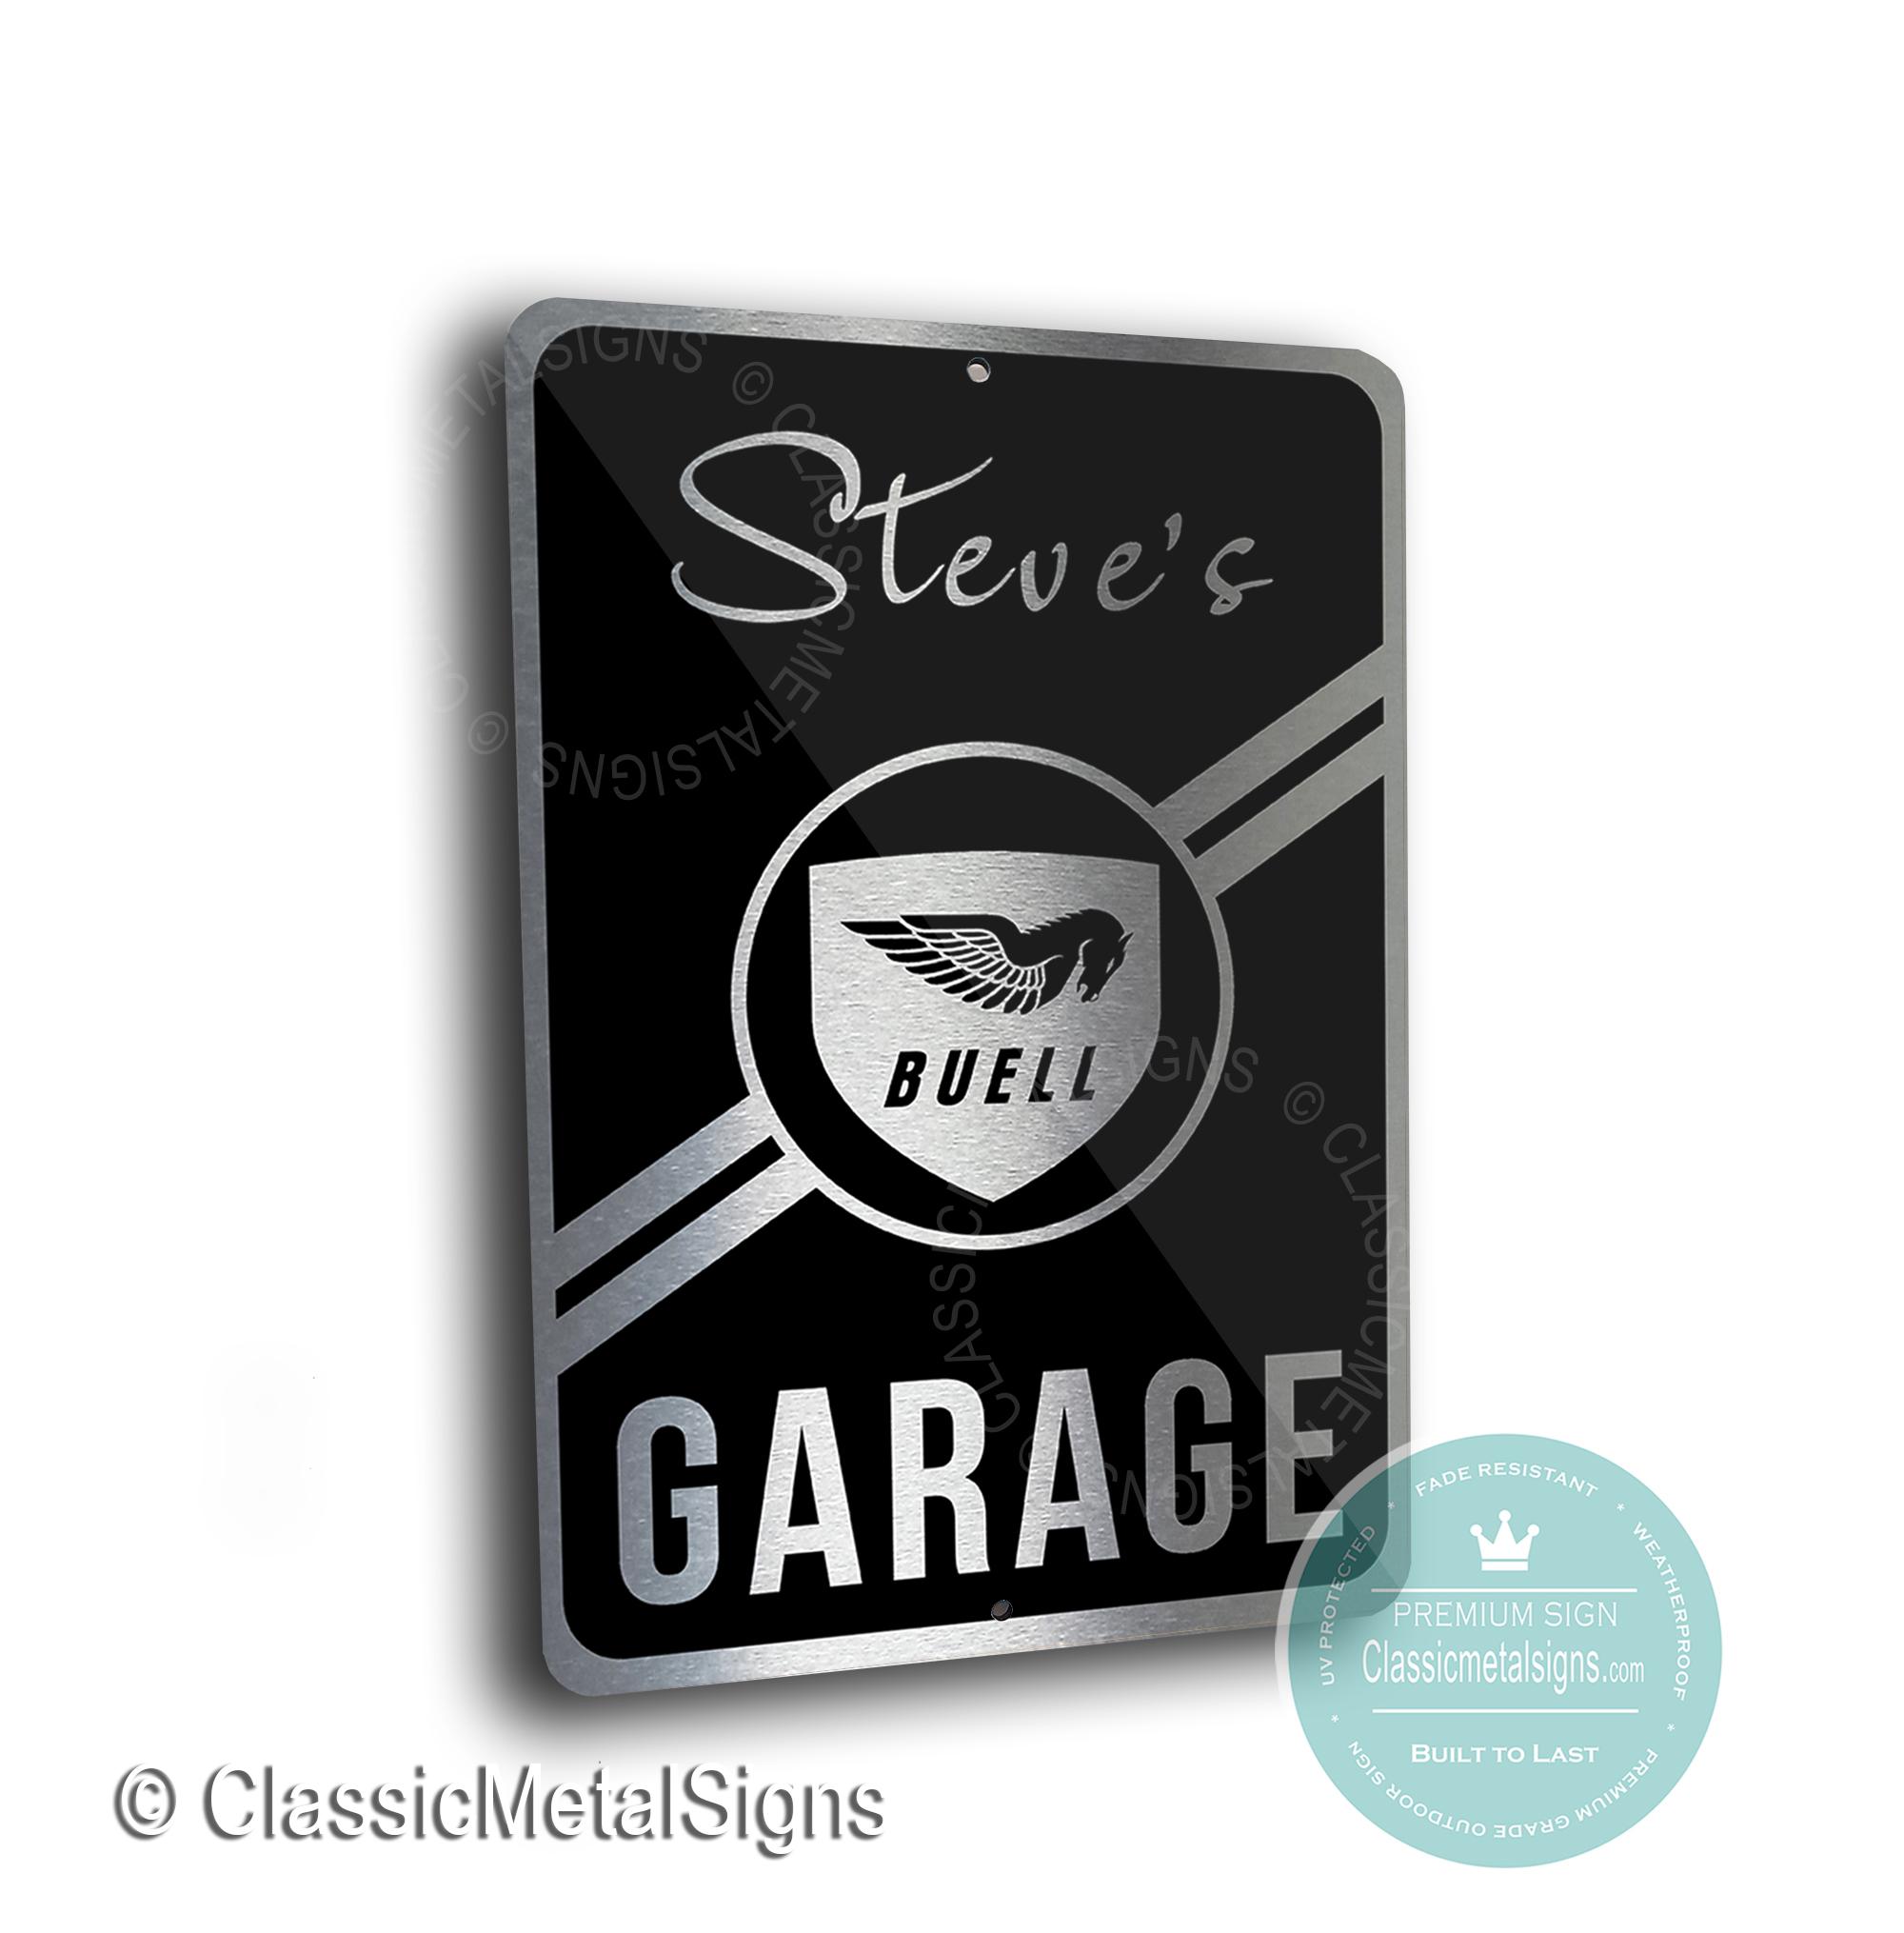 Buell Garage Signs